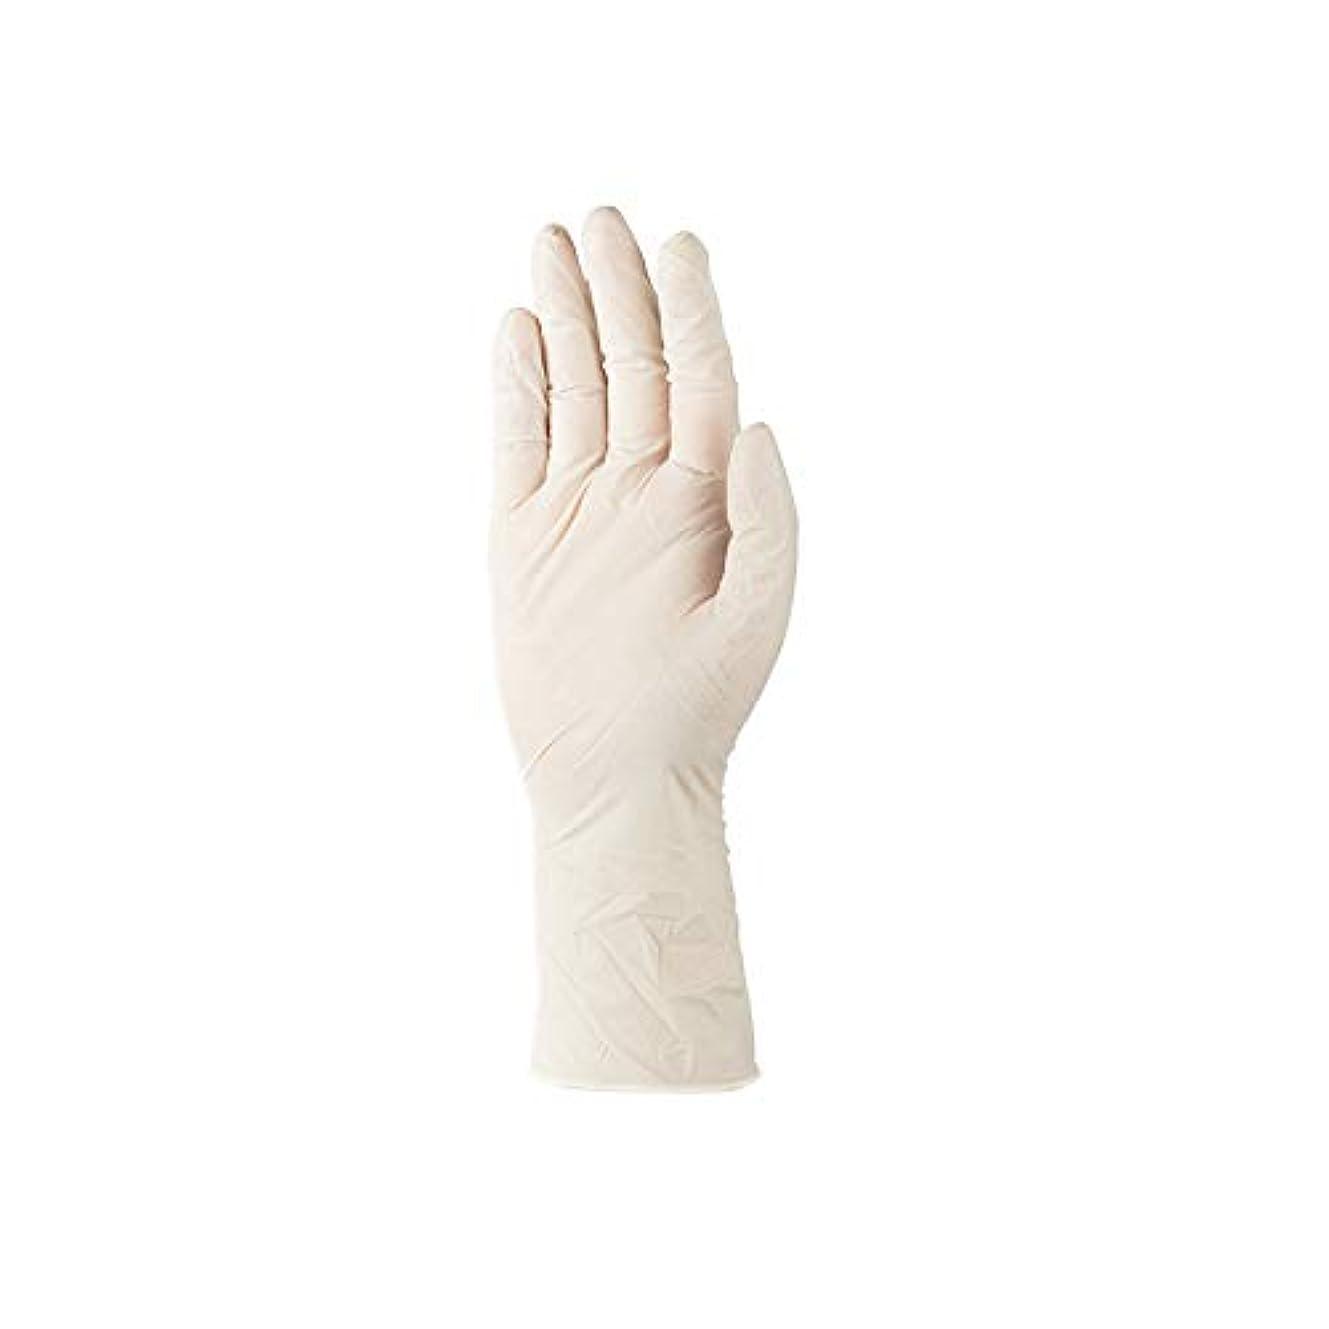 純度隙間議論するニトリルラテックス使い捨て手袋ゴム製病院用手袋厚くケータリング家事歯科,White#1232,XS